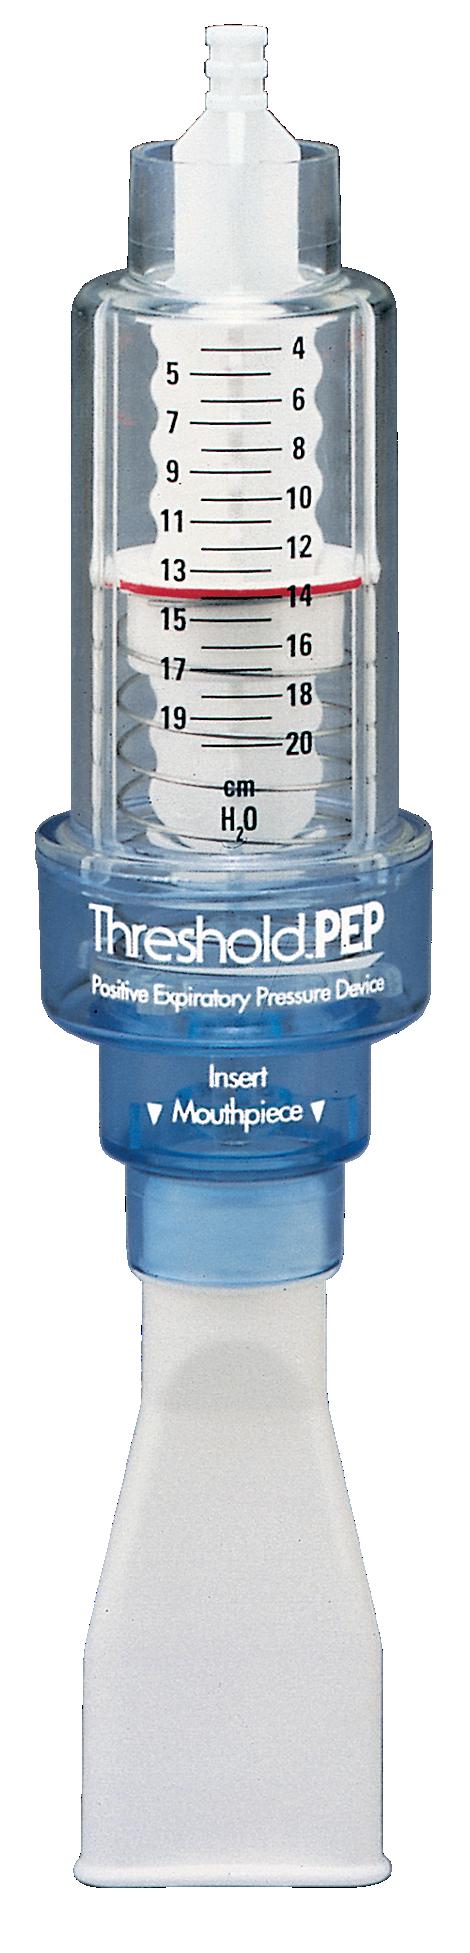 Threshold Dispositivo de presión positiva espiratoria (PEP)